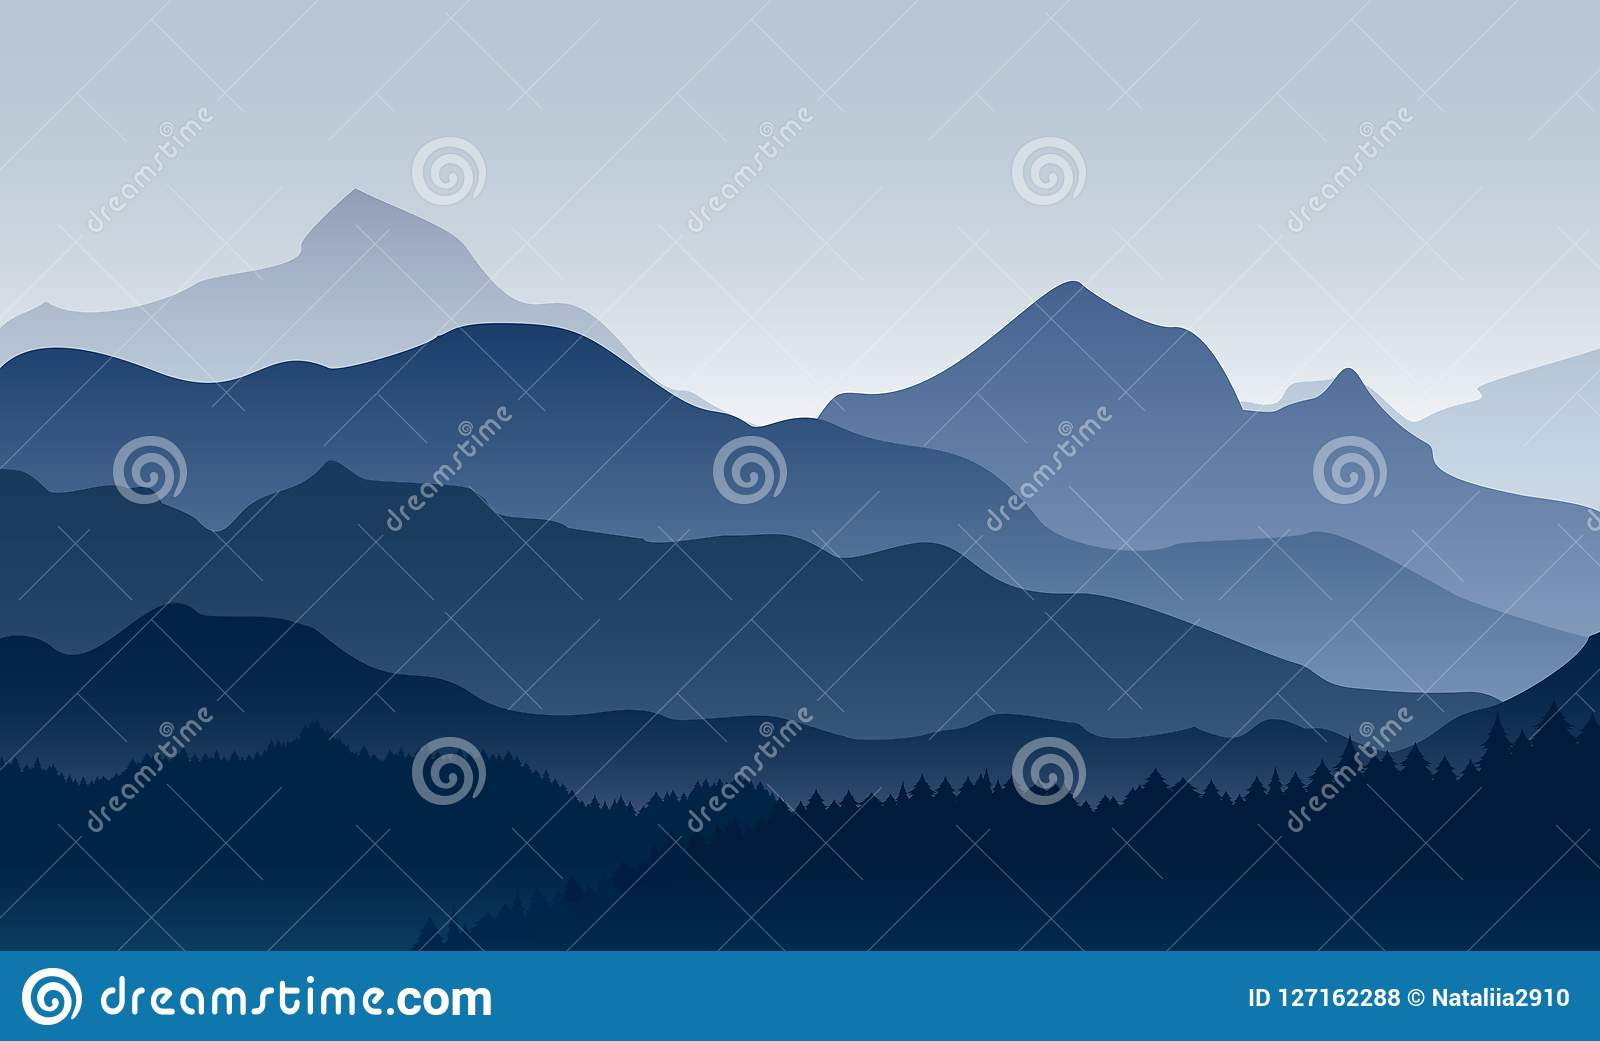 Διανυσματική απεικόνιση του πρωινού στα βουνά Μυστήριο τοπίο του δάσους, mountaings στην ομίχλη στα μπλε χρώματα, επίπεδα